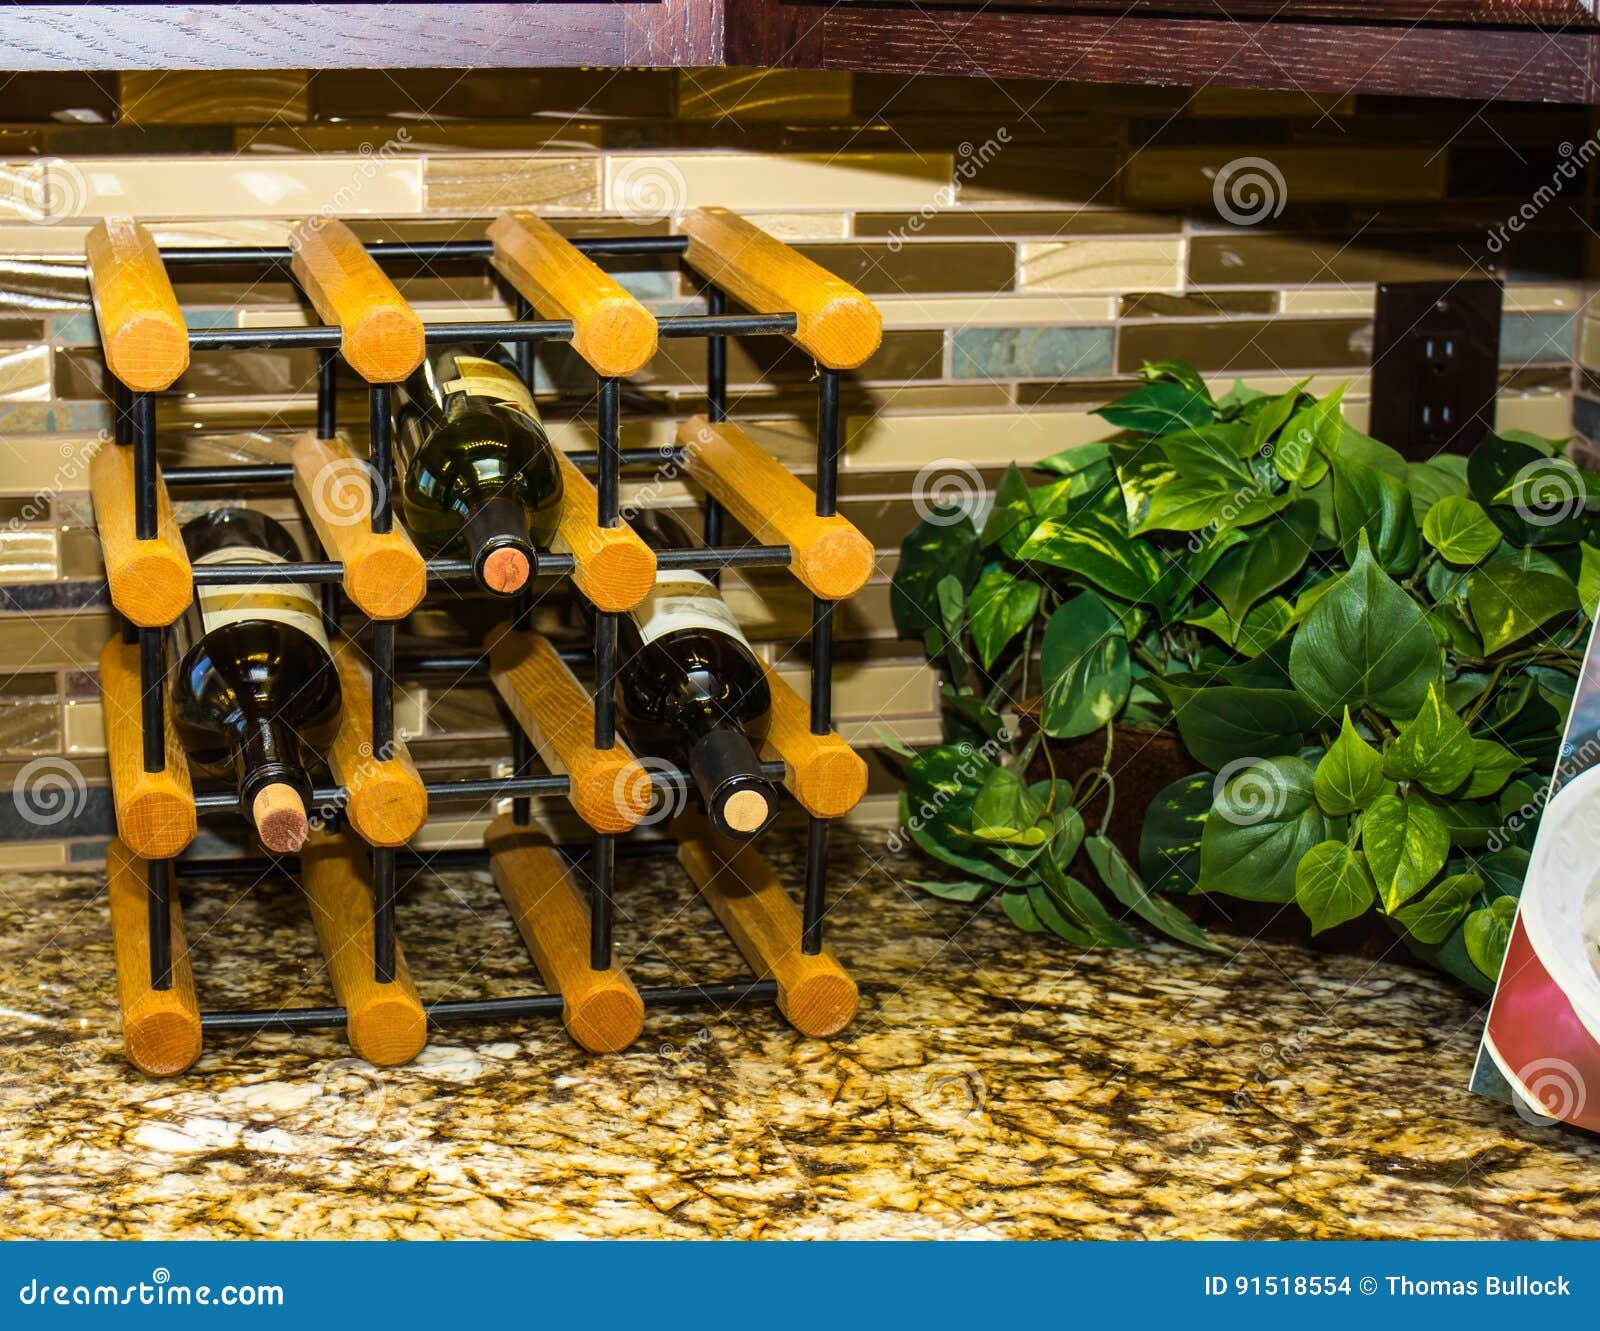 Modernes Weinregal Auf Kuchenarbeitsplatte Stockfoto Bild Von Kuchenarbeitsplatte Modernes 91518554